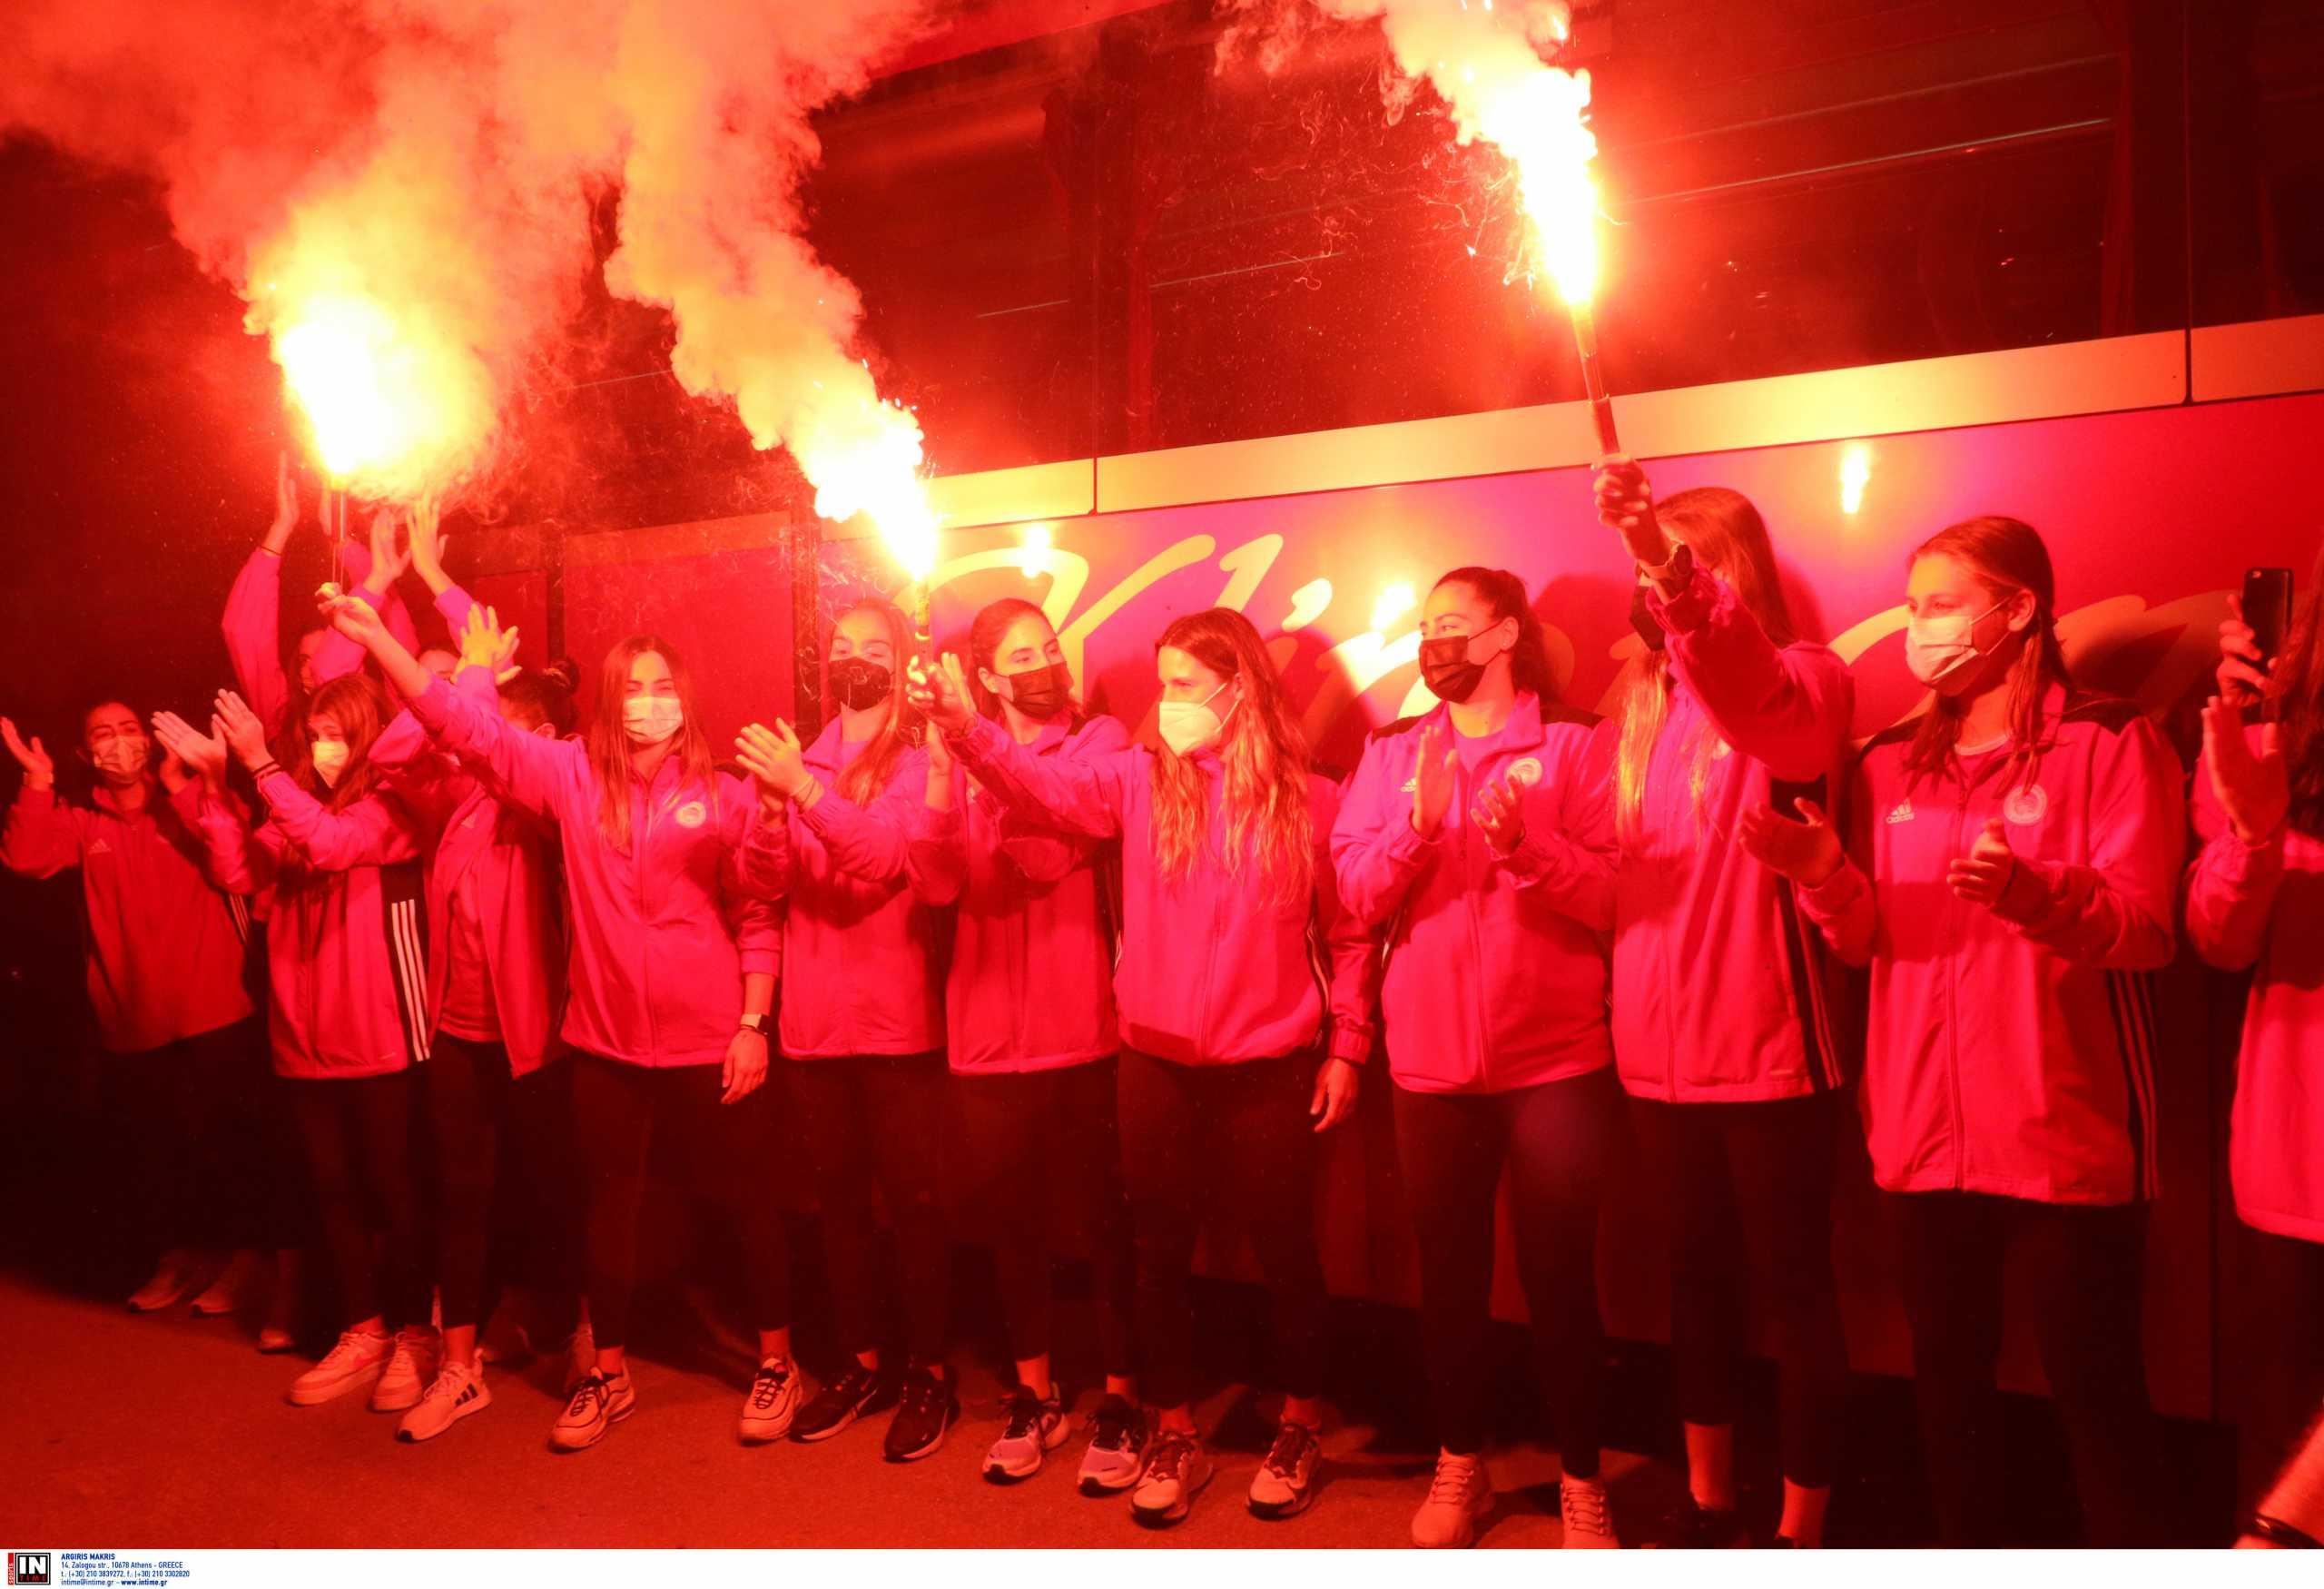 Ολυμπιακός: Ερυθρόλευκη «τρέλα», η υποδοχή για τις πρωταθλήτριες Ευρώπης